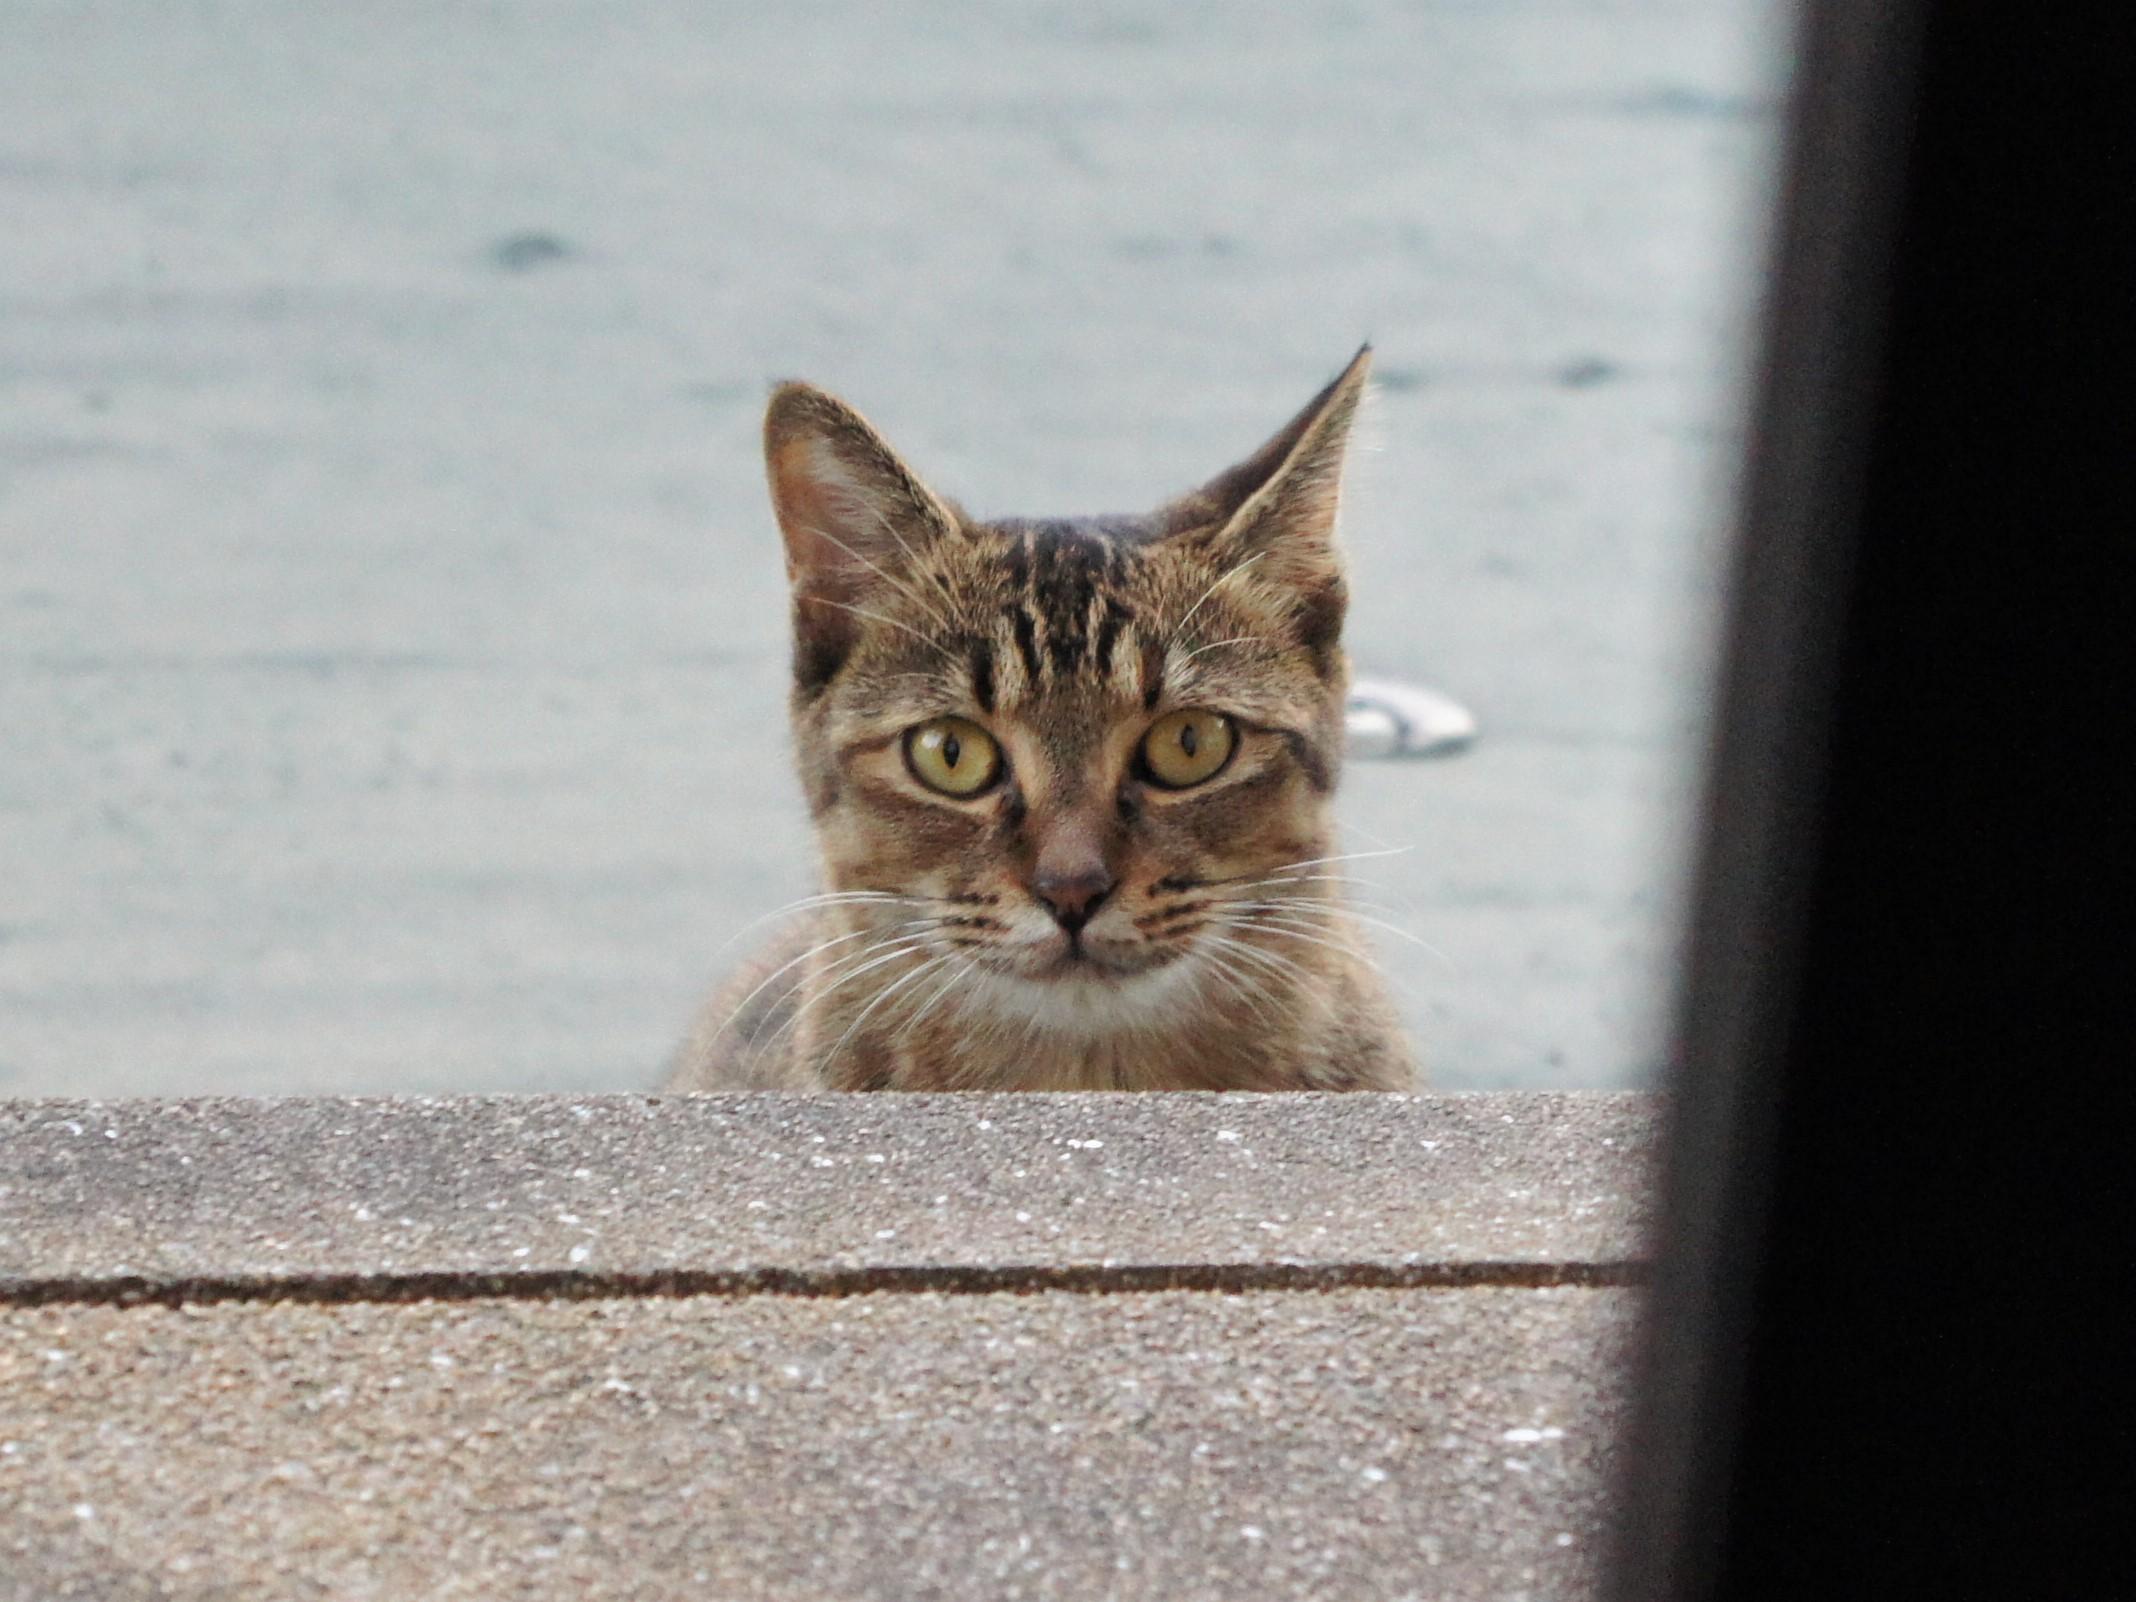 ノラ猫の保護は苦労する?